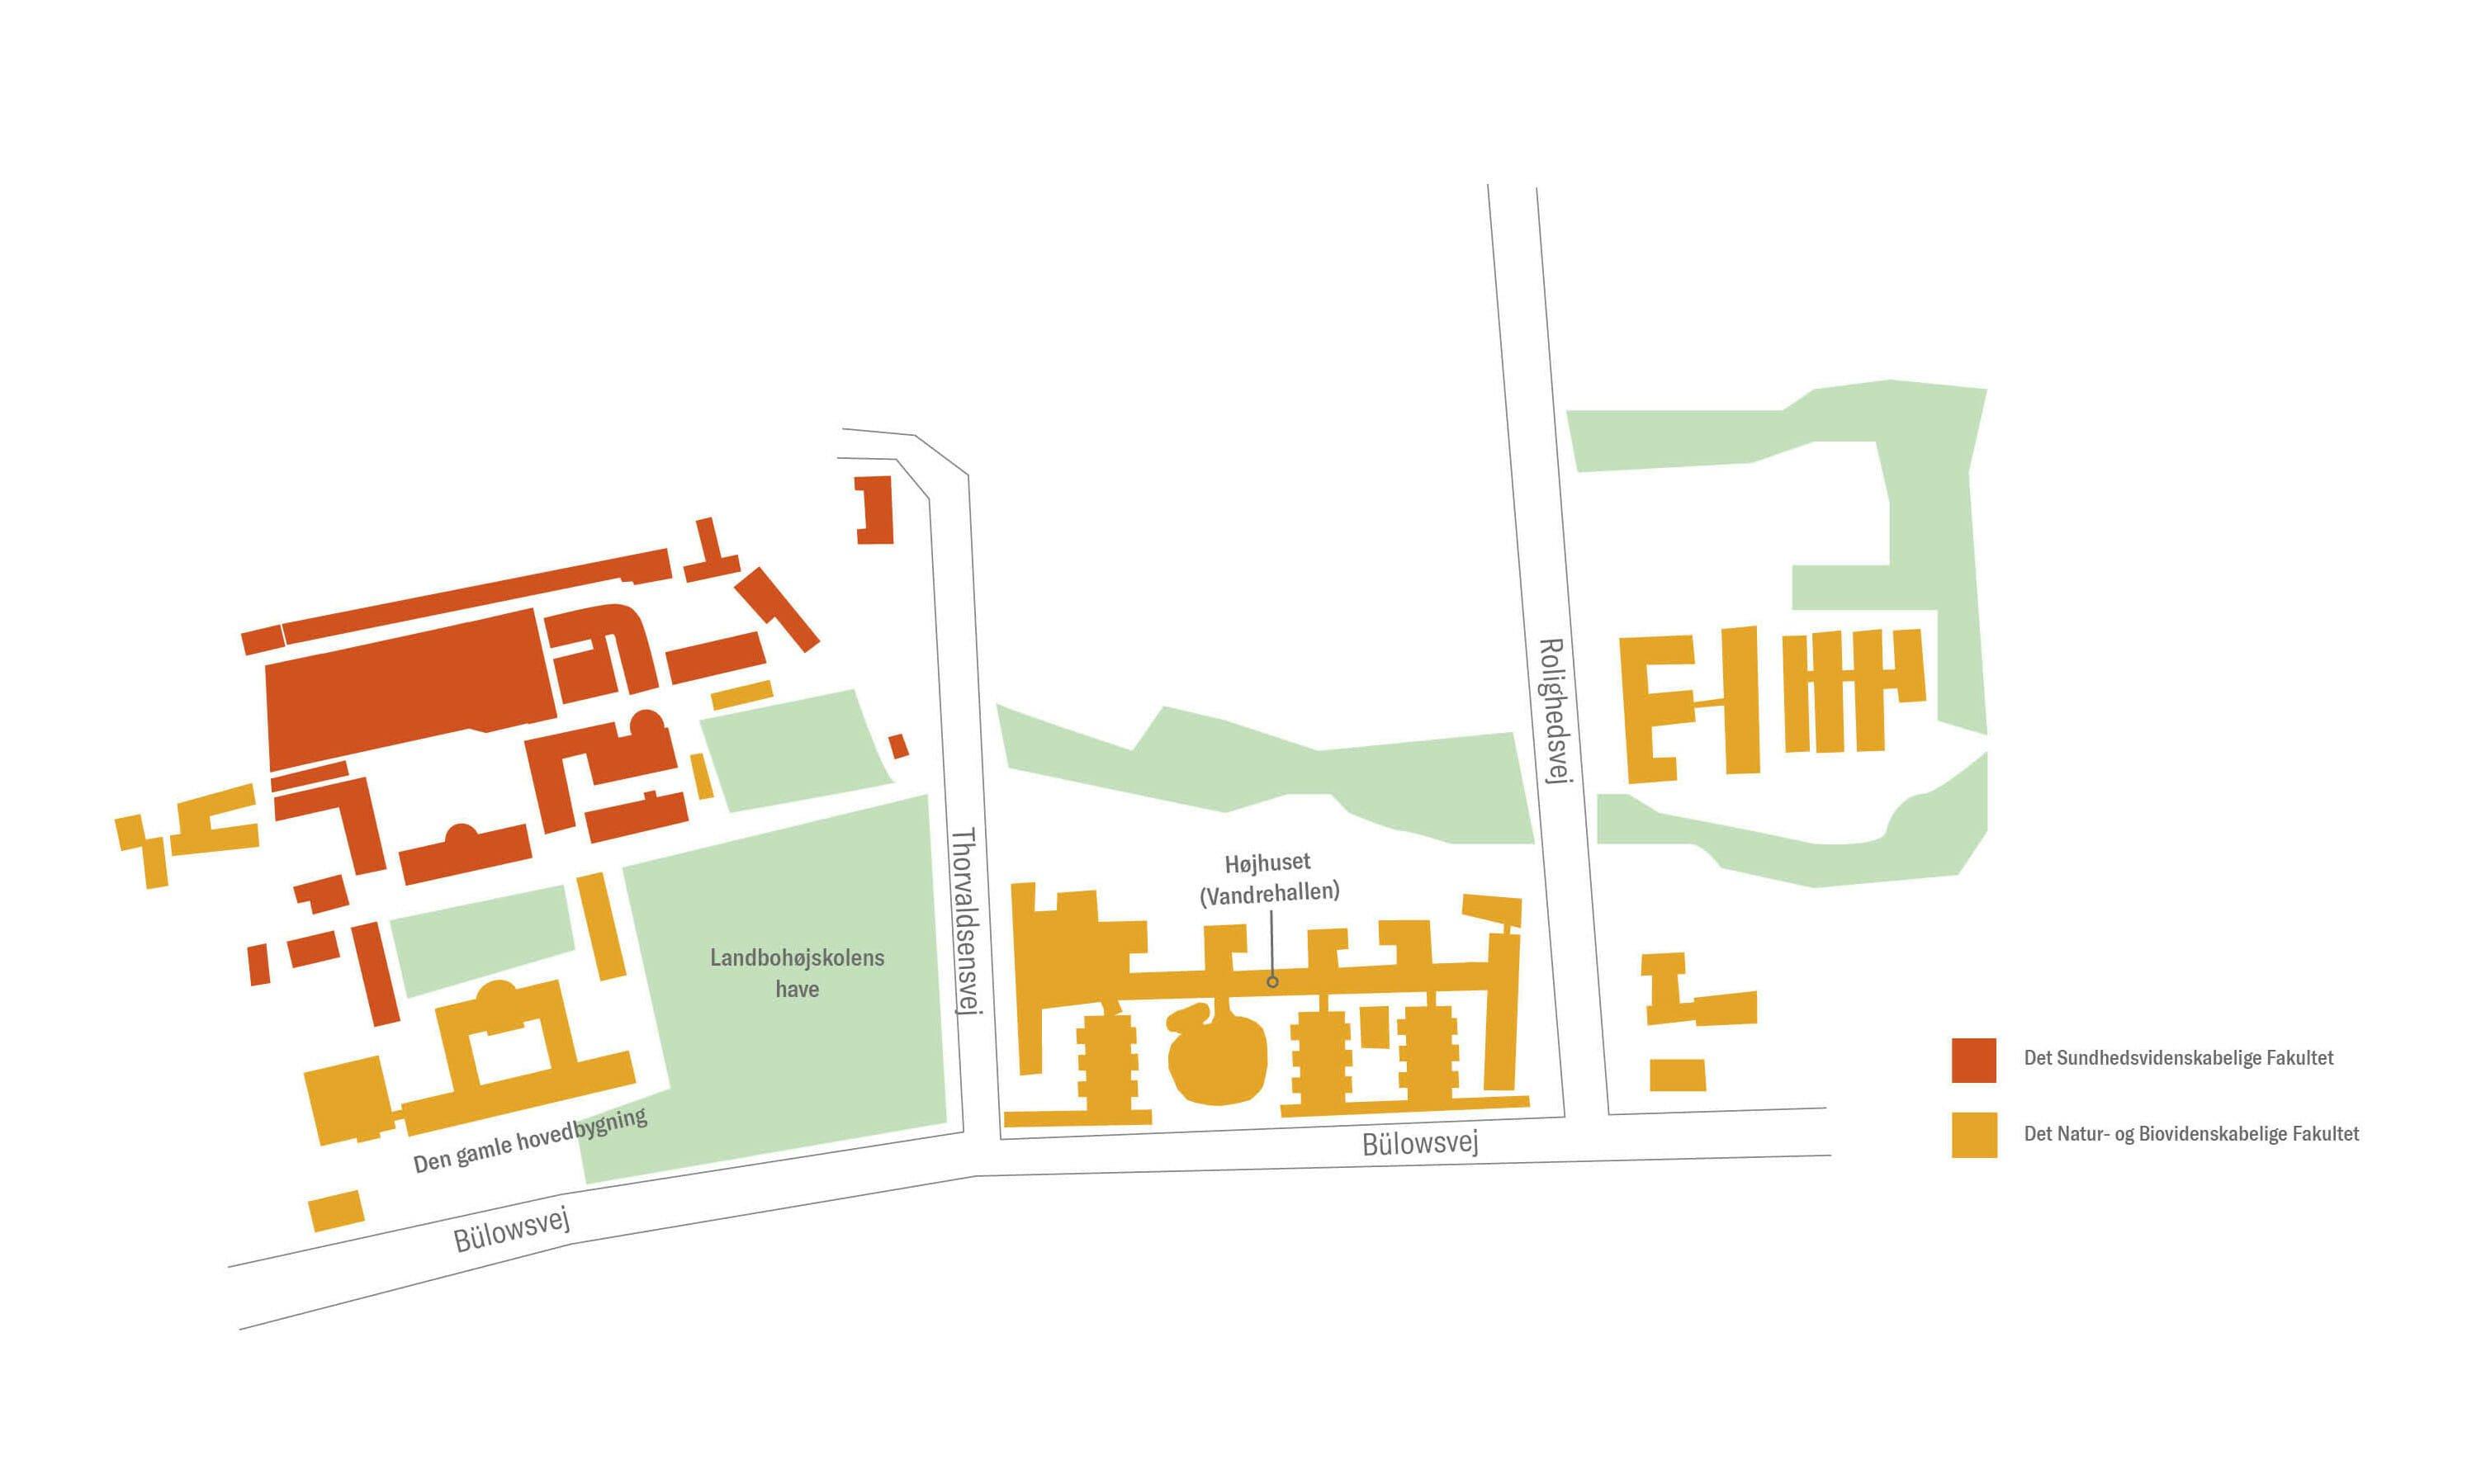 Den Store Campusguide Til Kobenhavns Universitet